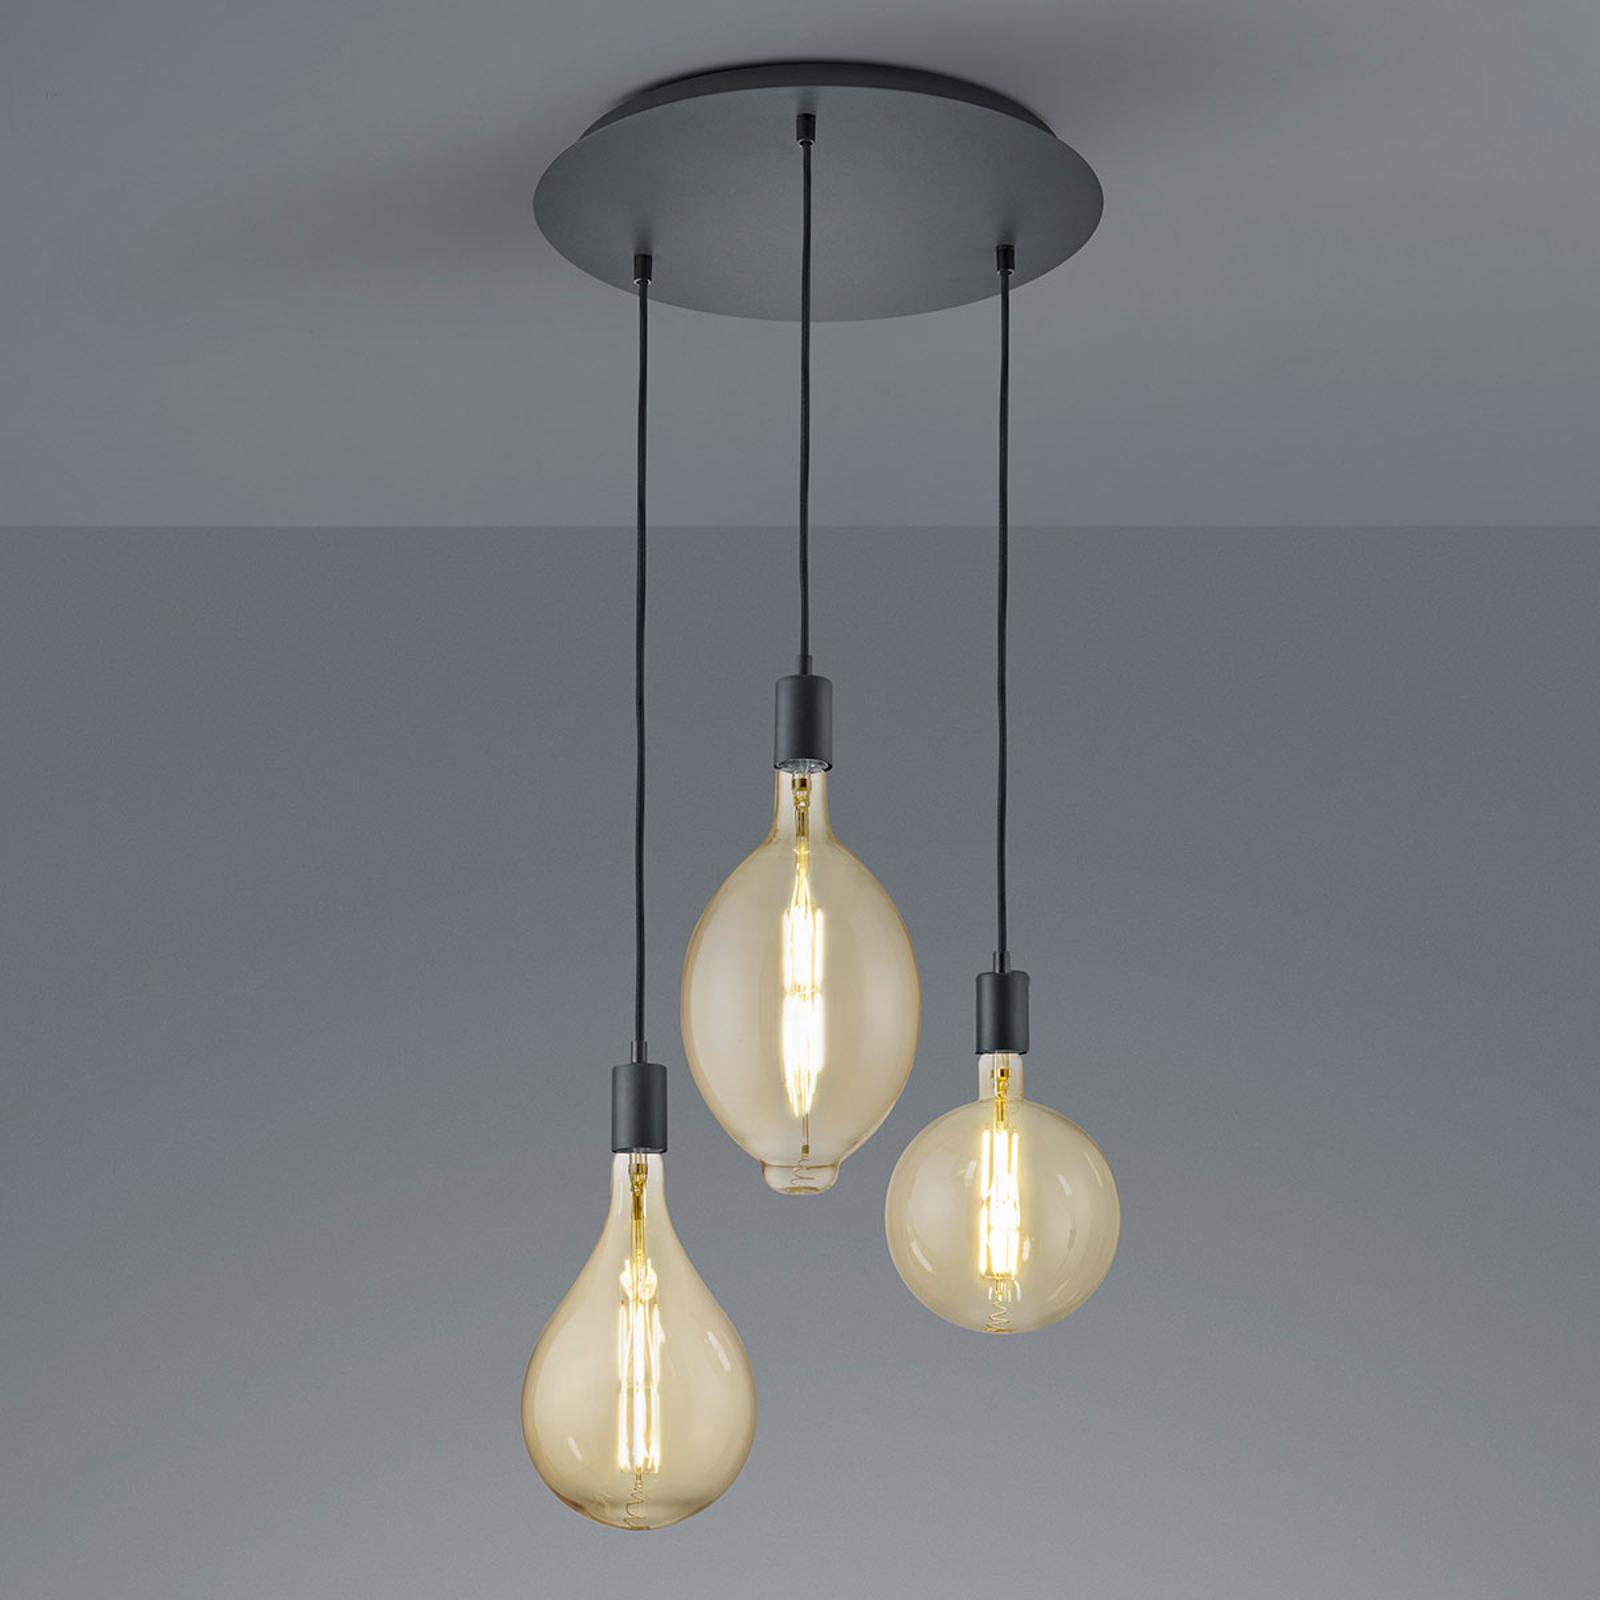 Lampa wisząca LED Ginster matowa czarna okrągła